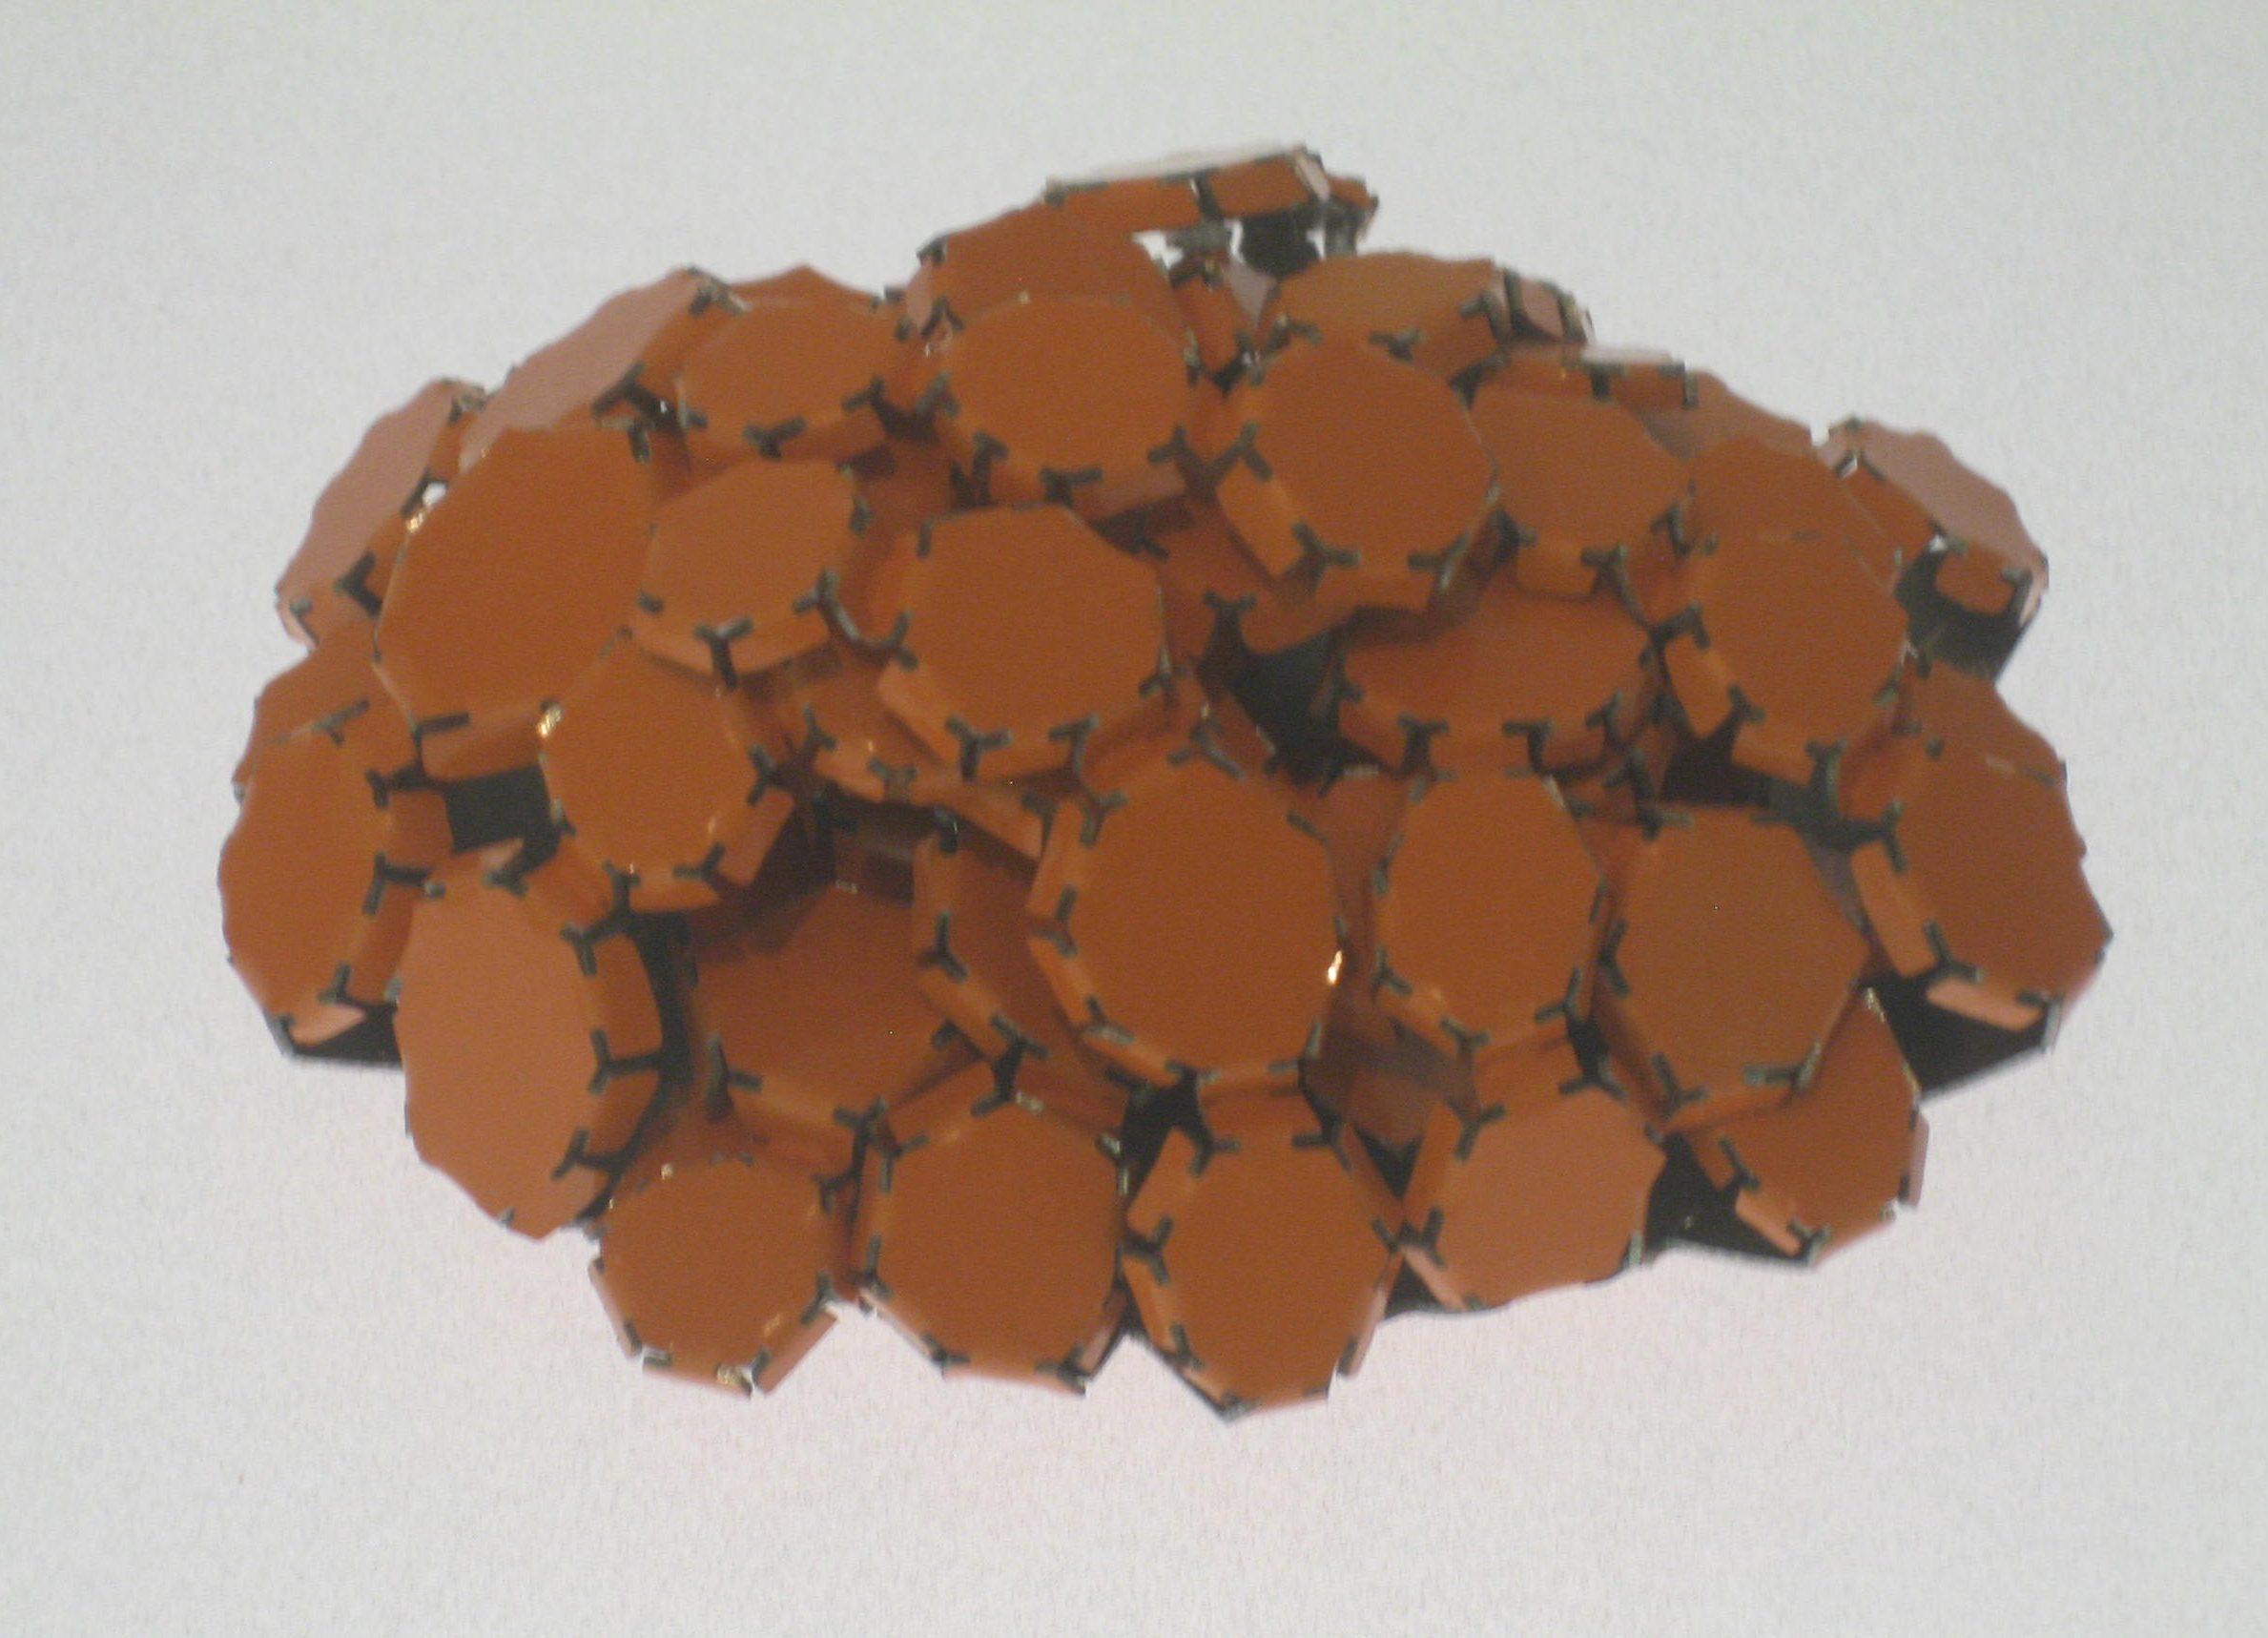 Mirjam Hiller, Ovalhaufen Orange, broche, 2009. Collectie Grassimuseum, metaal, coating